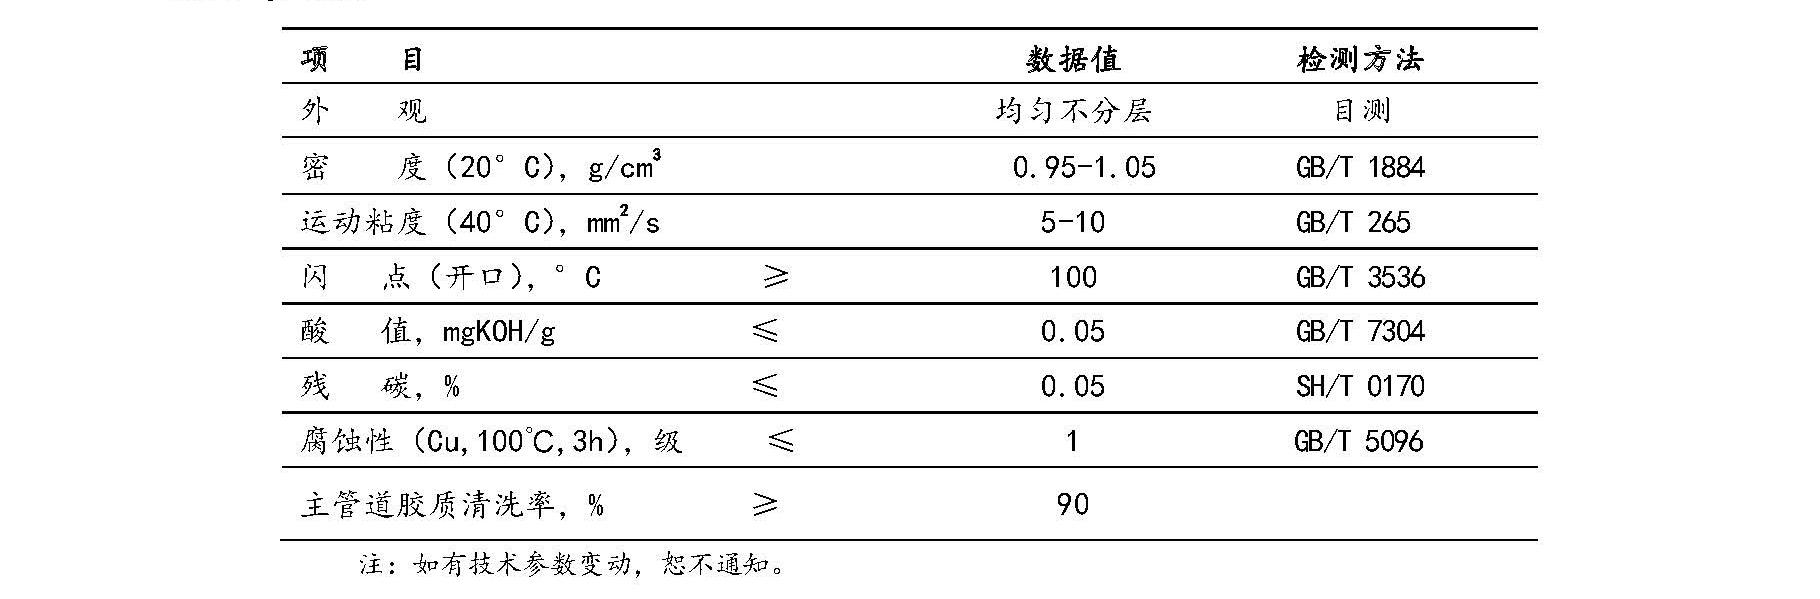 导热油溶剂清洗剂Y-QRJ参数